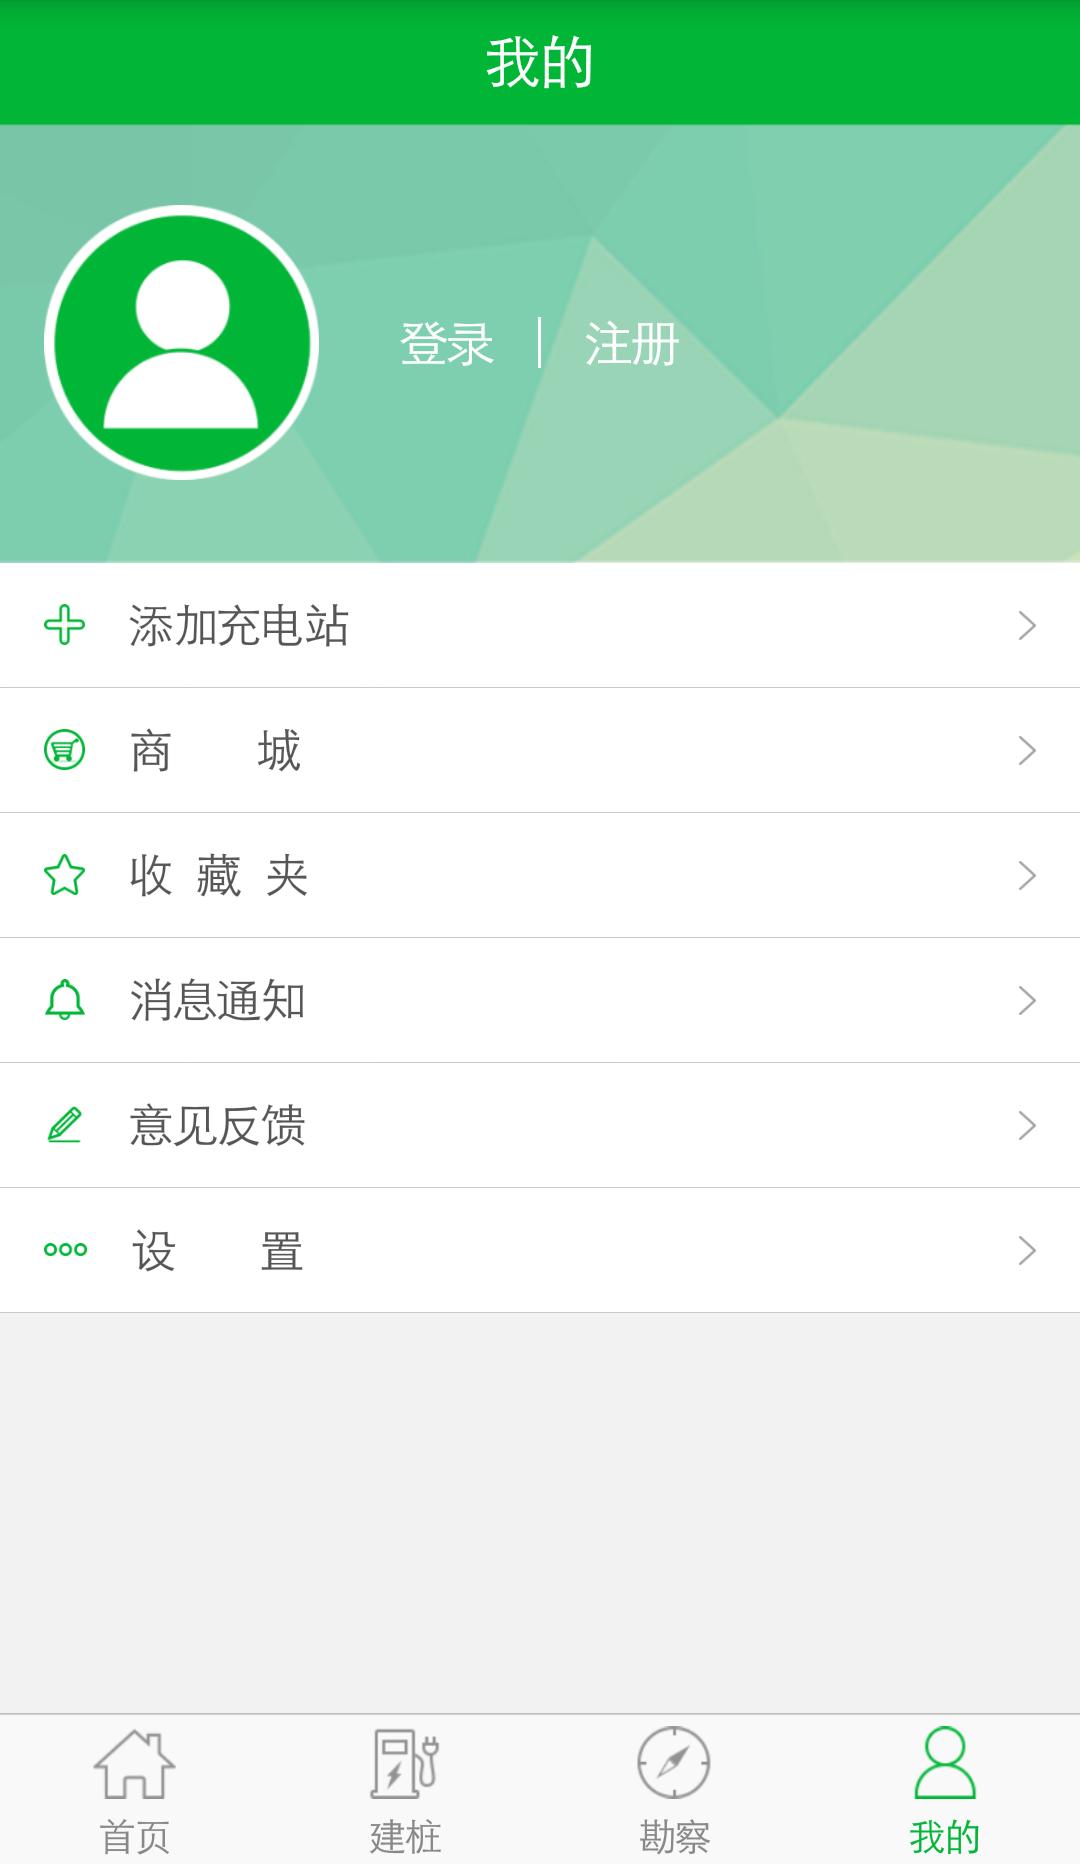 充电桩-交通导航-安卓android手机软件下载-nearme